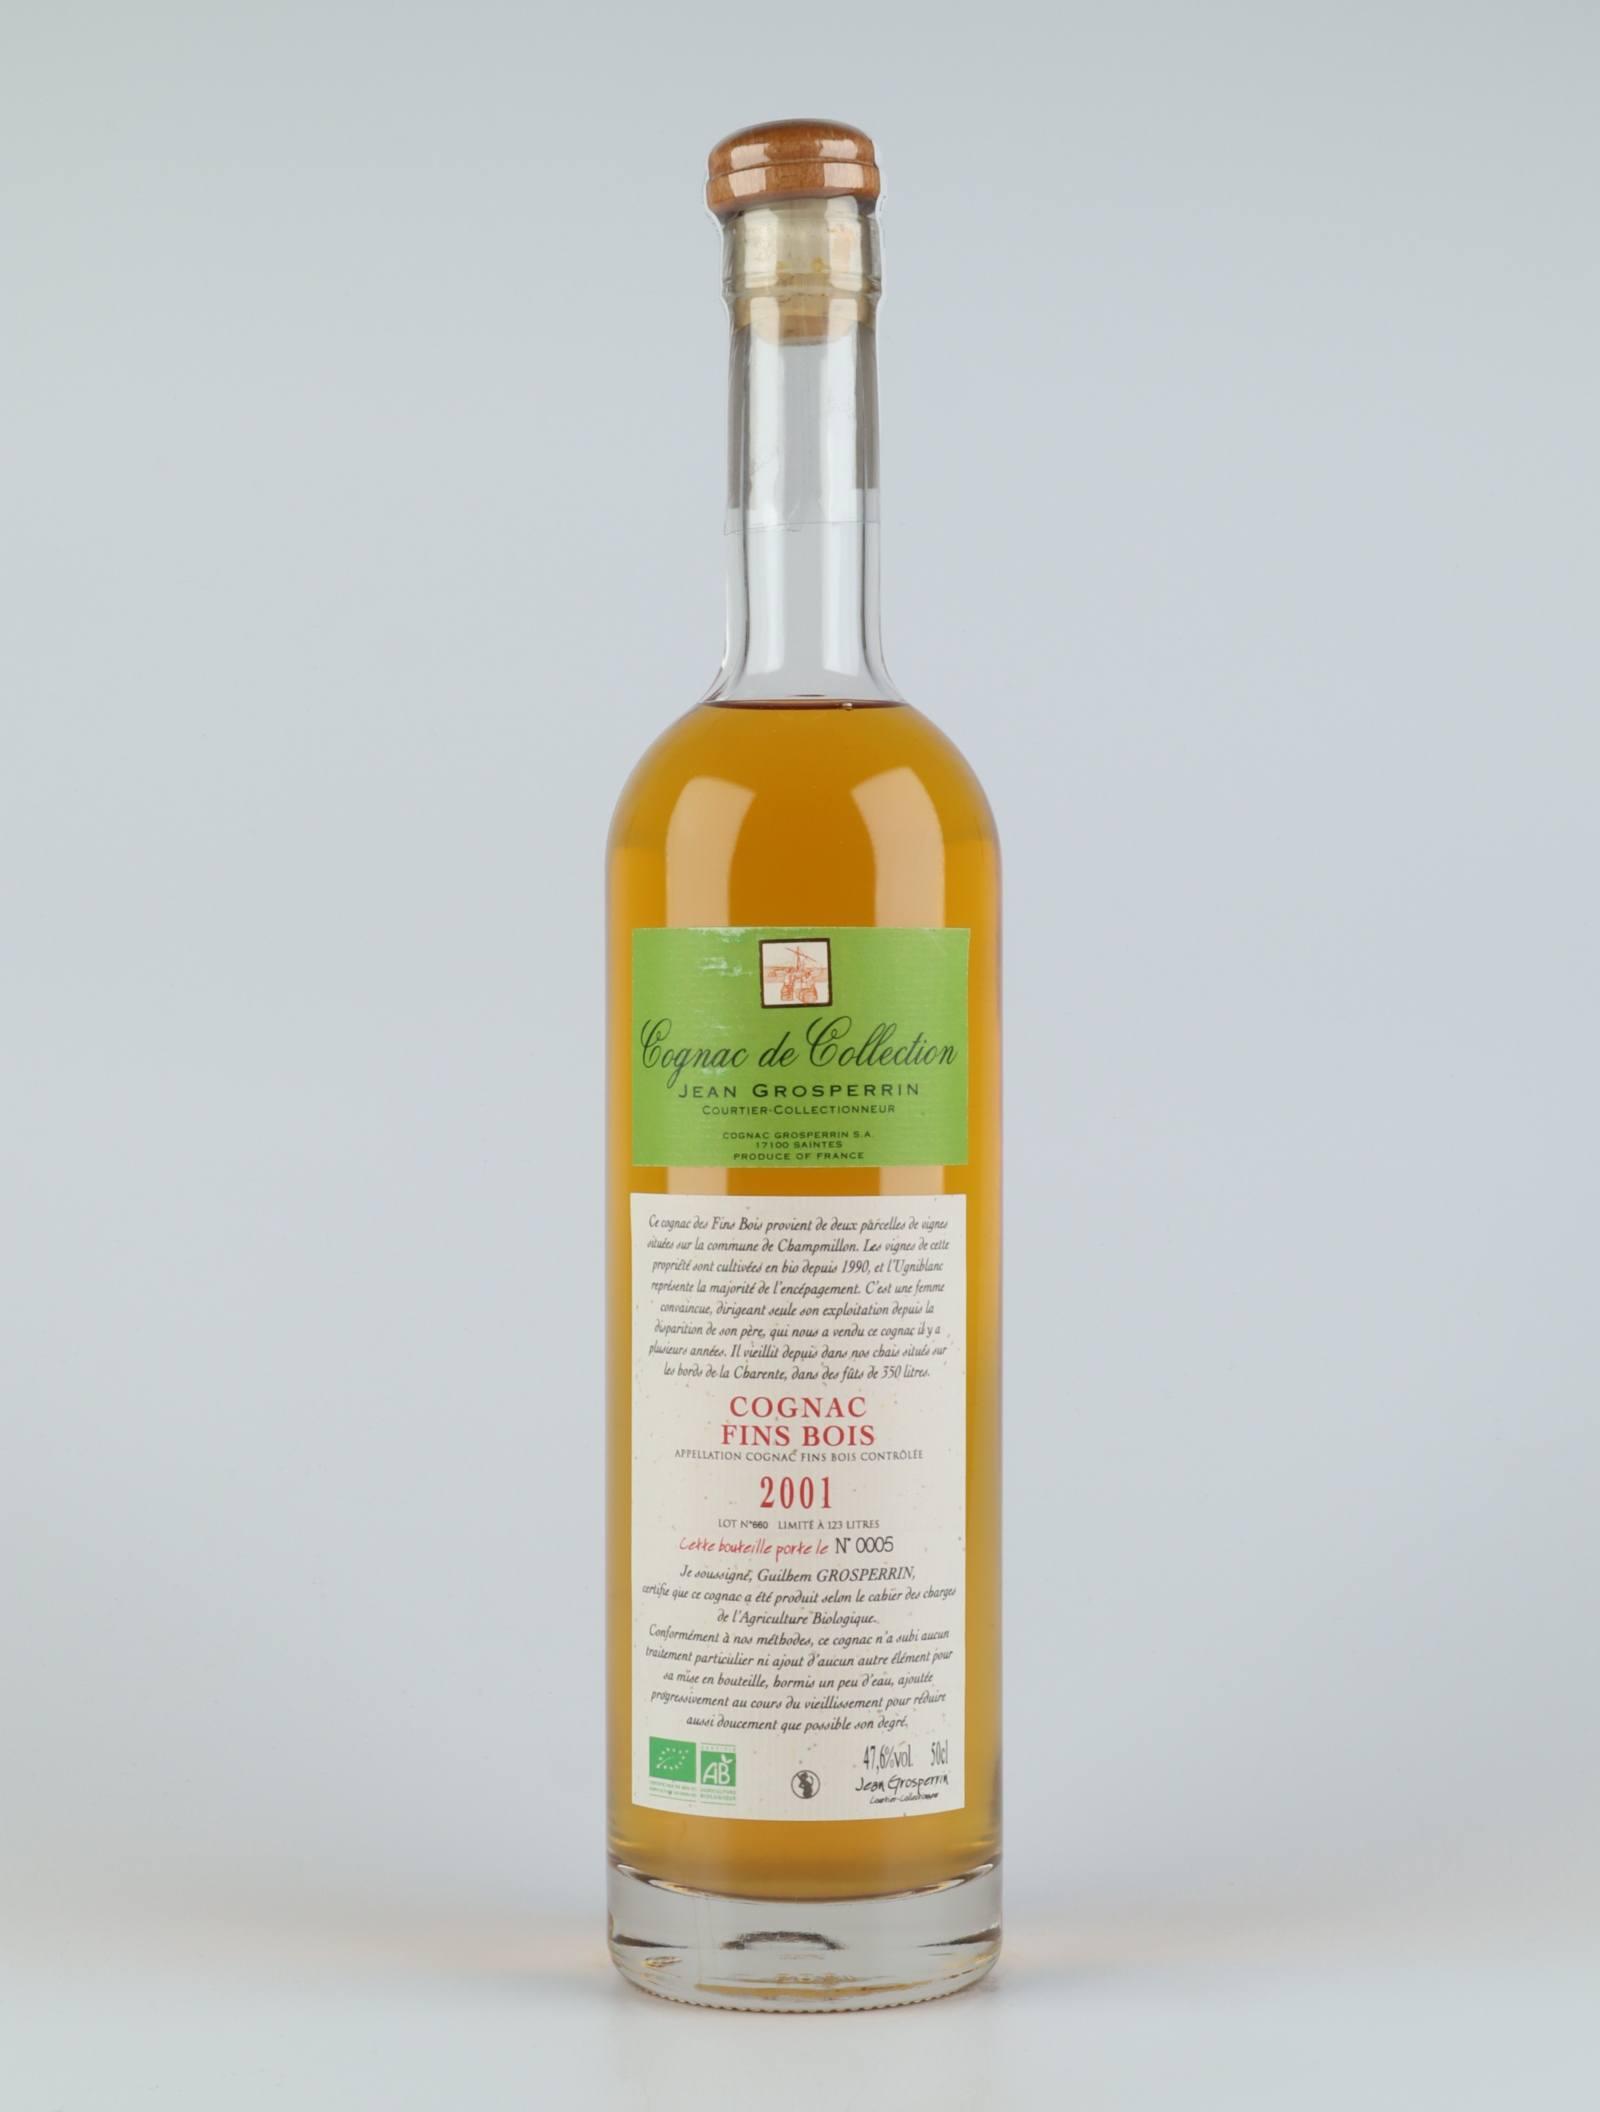 Cognac - Fins Bois